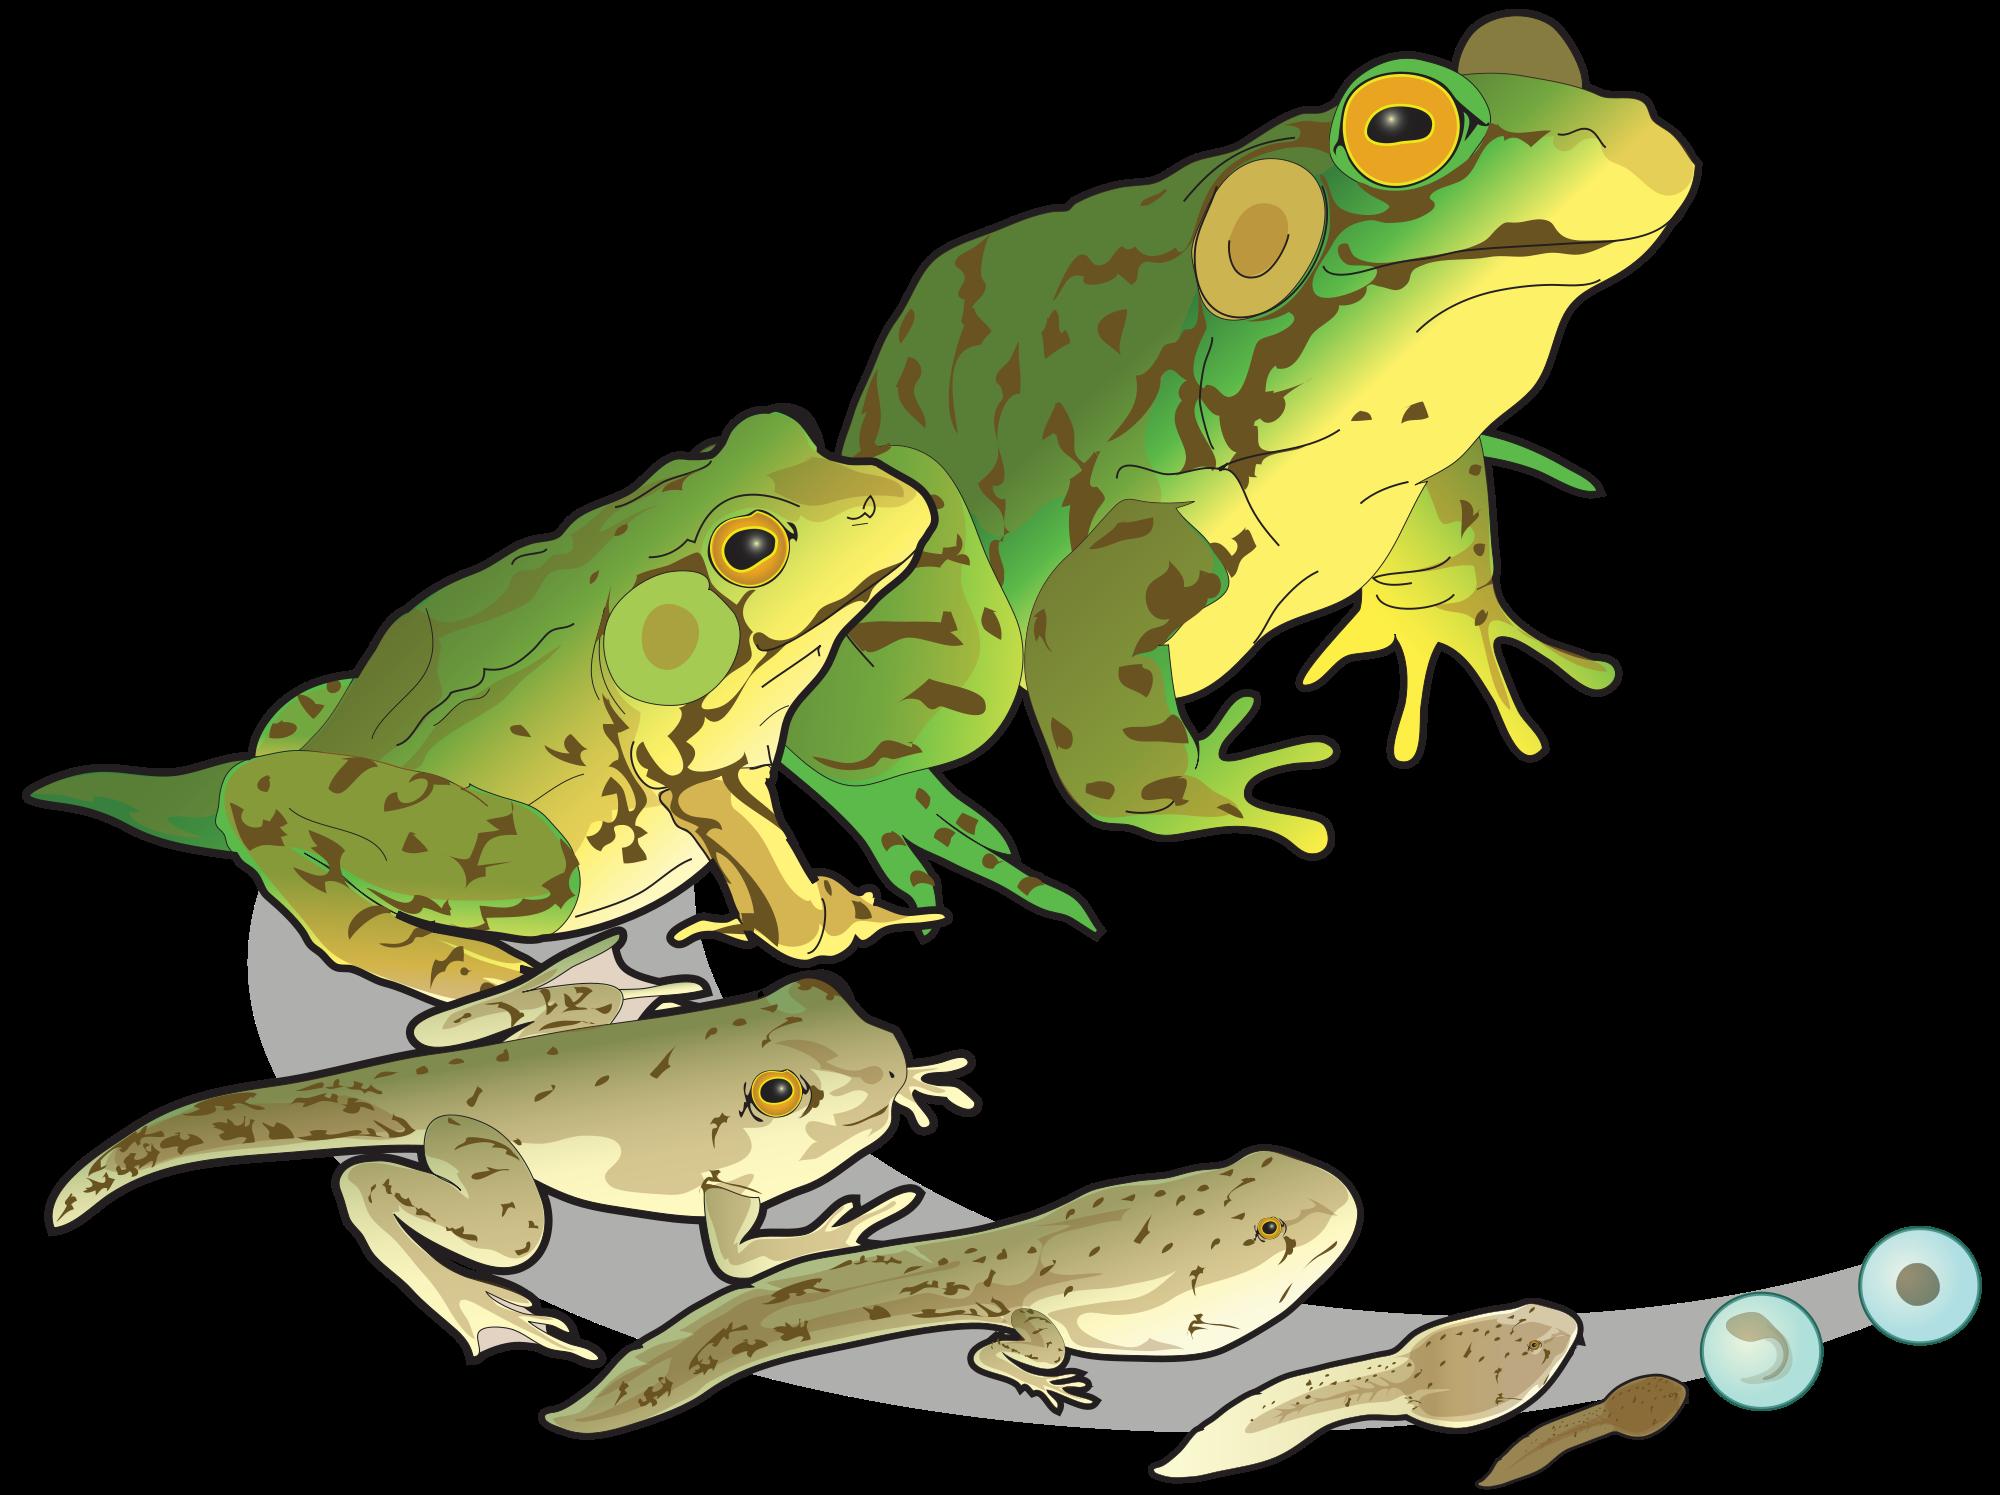 transparent clip frogs - Google Search | CLIP ART | Pinterest | Clip art